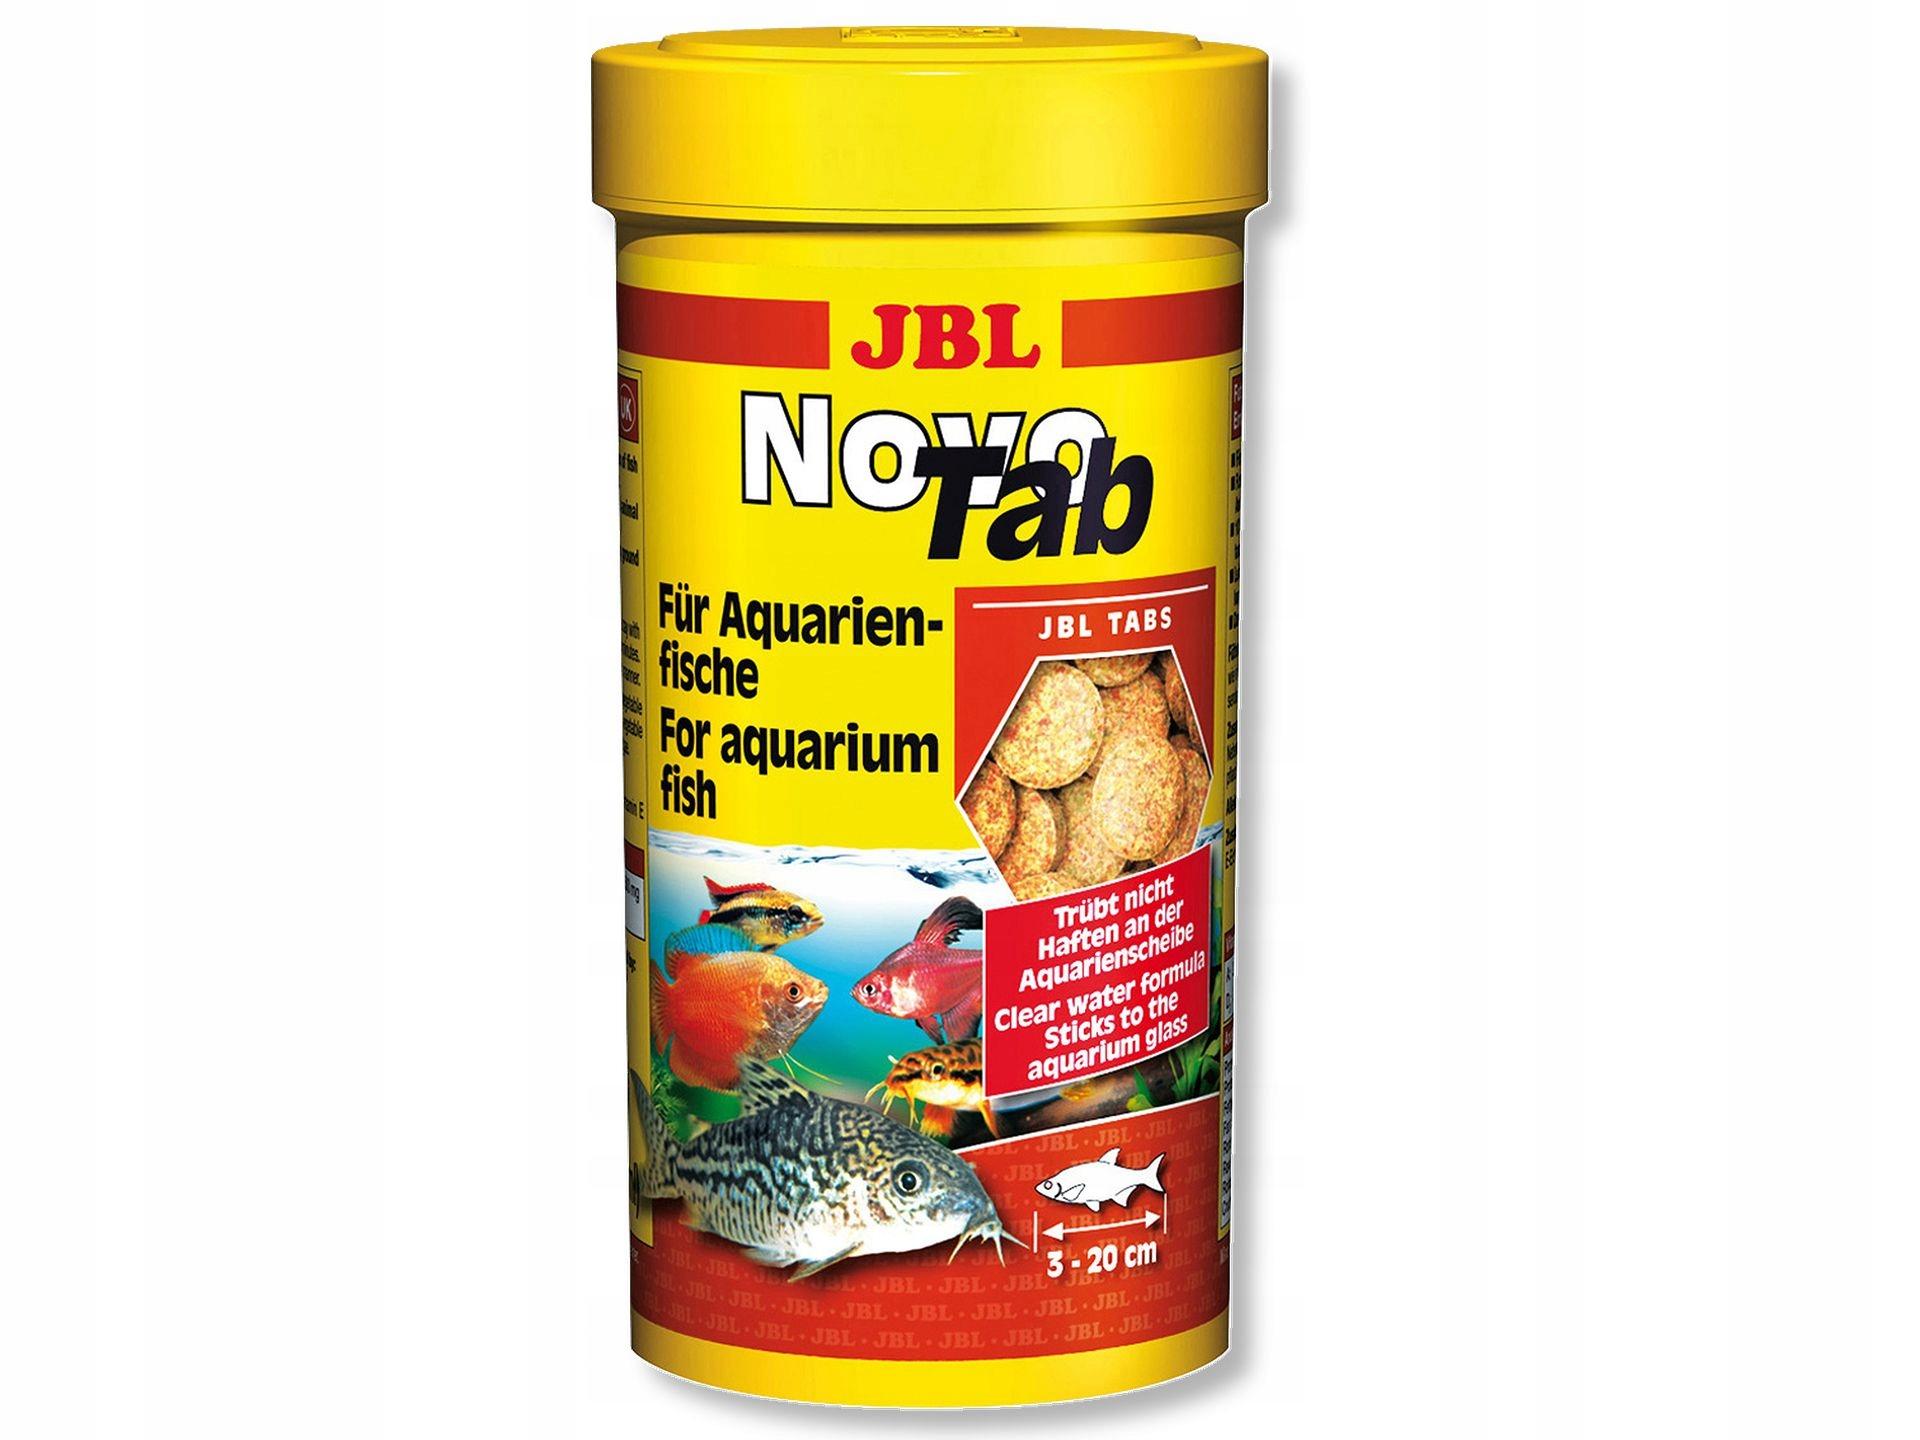 JBL Novotab 1L potravín tablety pre všetkých